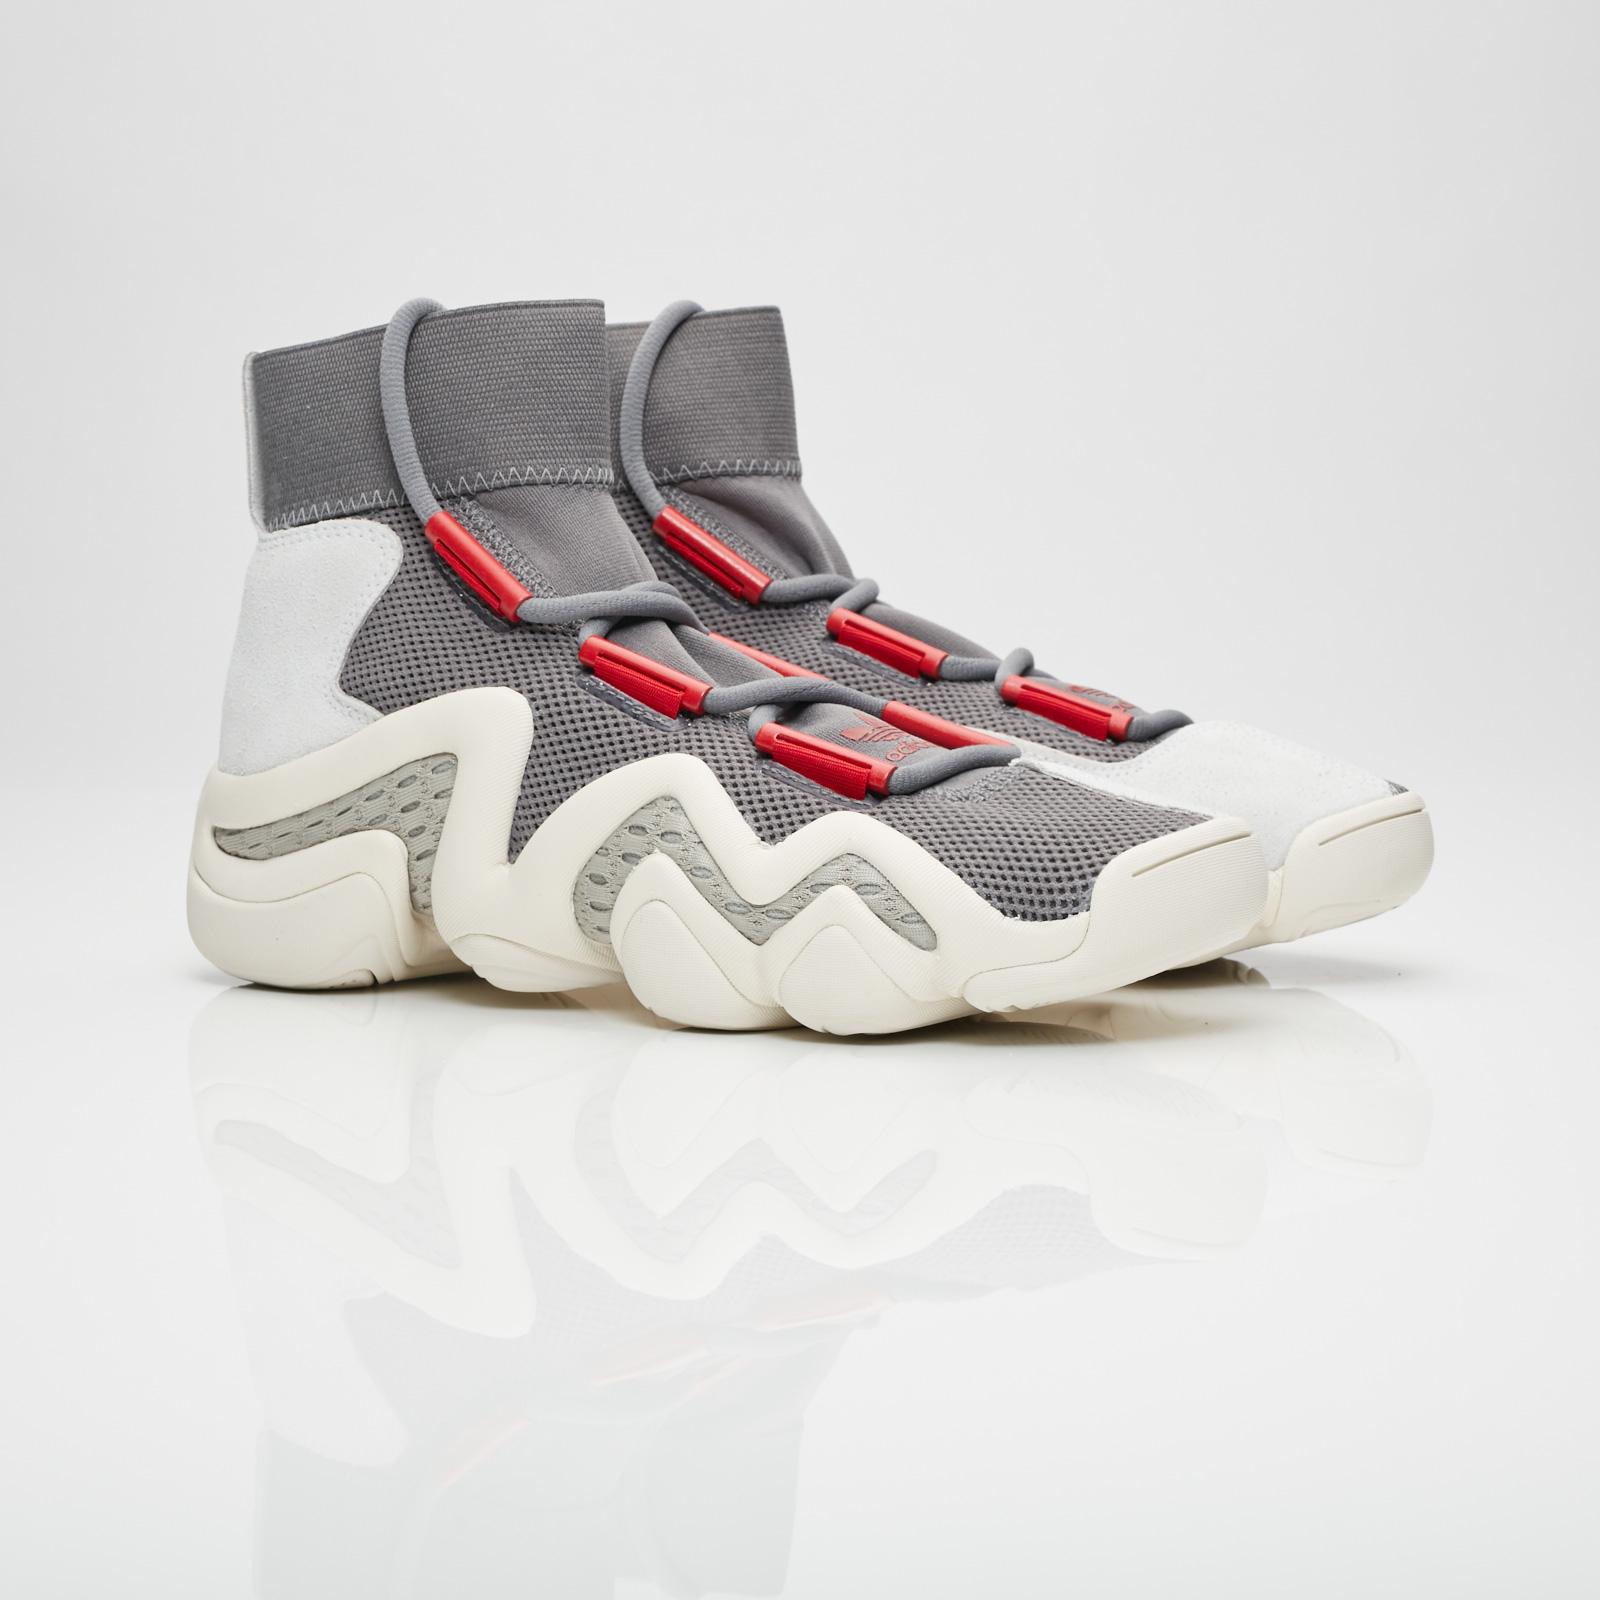 cheap for discount 72f23 5e30c adidas Consortium Crazy 8 ADV